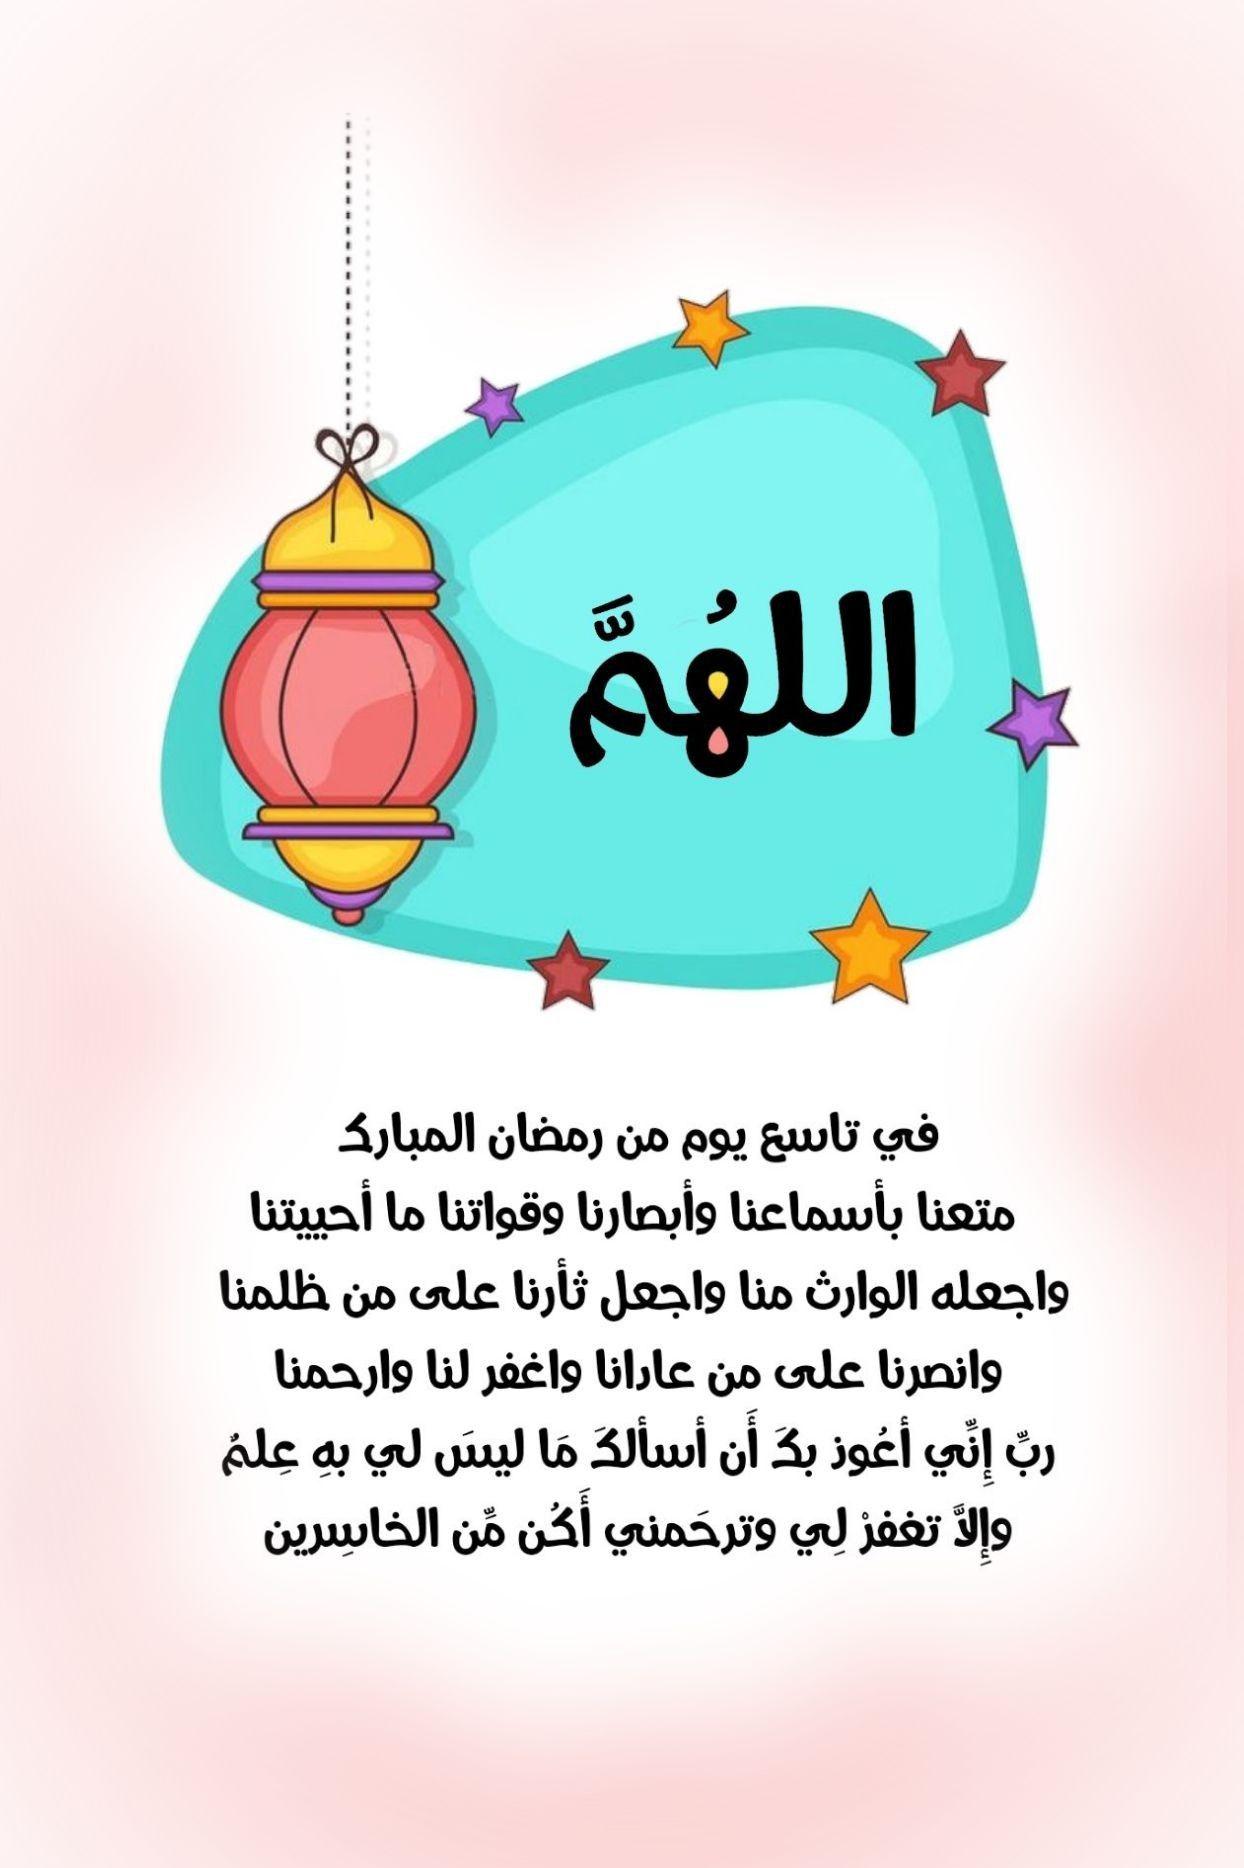 الله م في تاسع يوم من رمضان المبارك متعنا بأسماعنا وأبصارنا وقواتنا ما أحييتنا واجعله الوارث منا واجعل ثأر Motivational Art Quotes Ramadan Crafts Ramadan